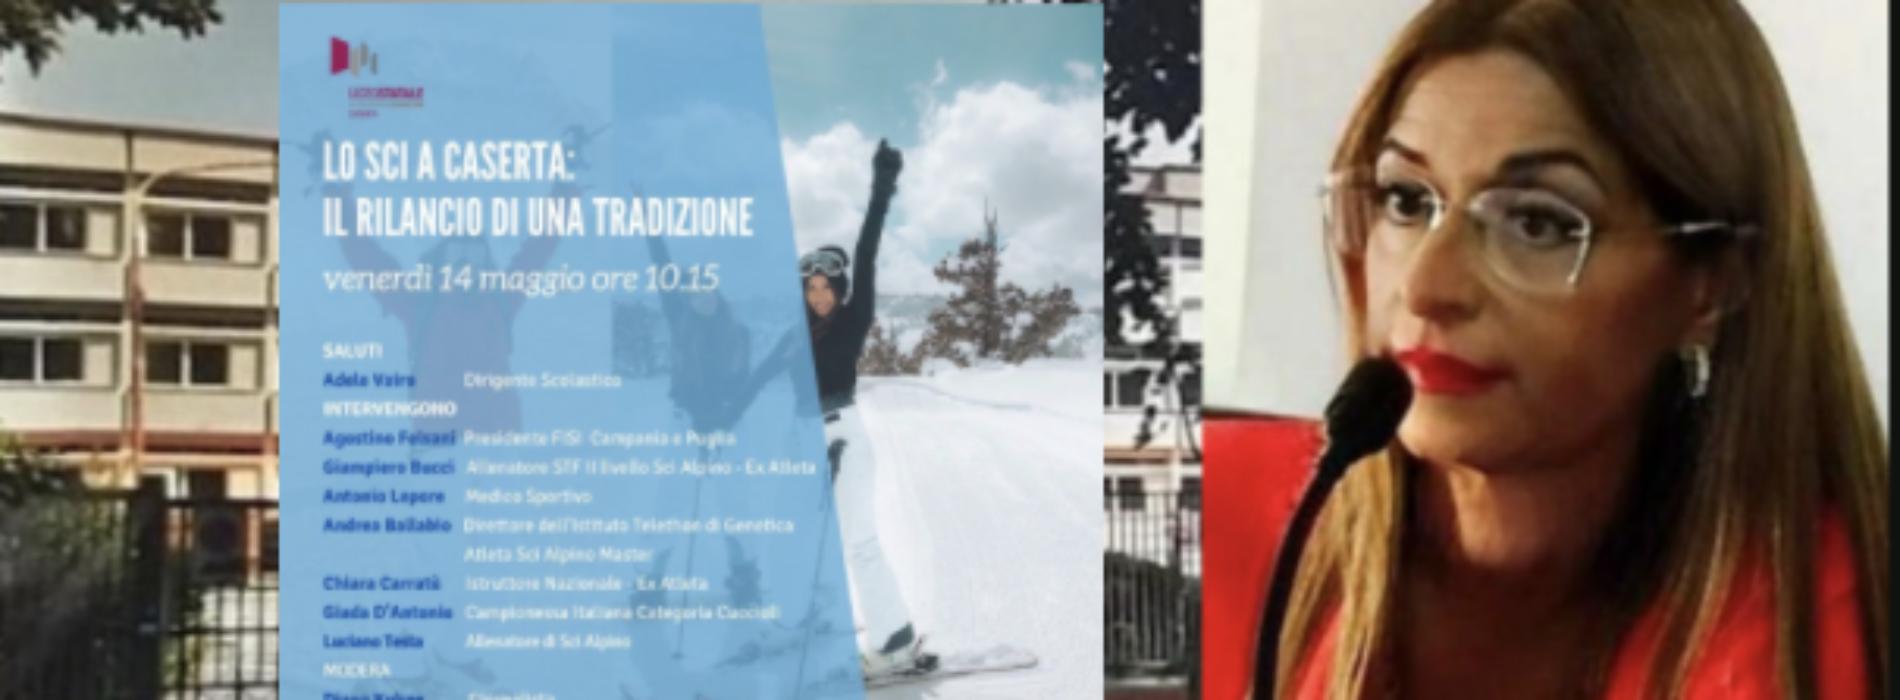 Caserta sugli sci, il protocollo d'intesa tra liceo Manzoni e Fisi